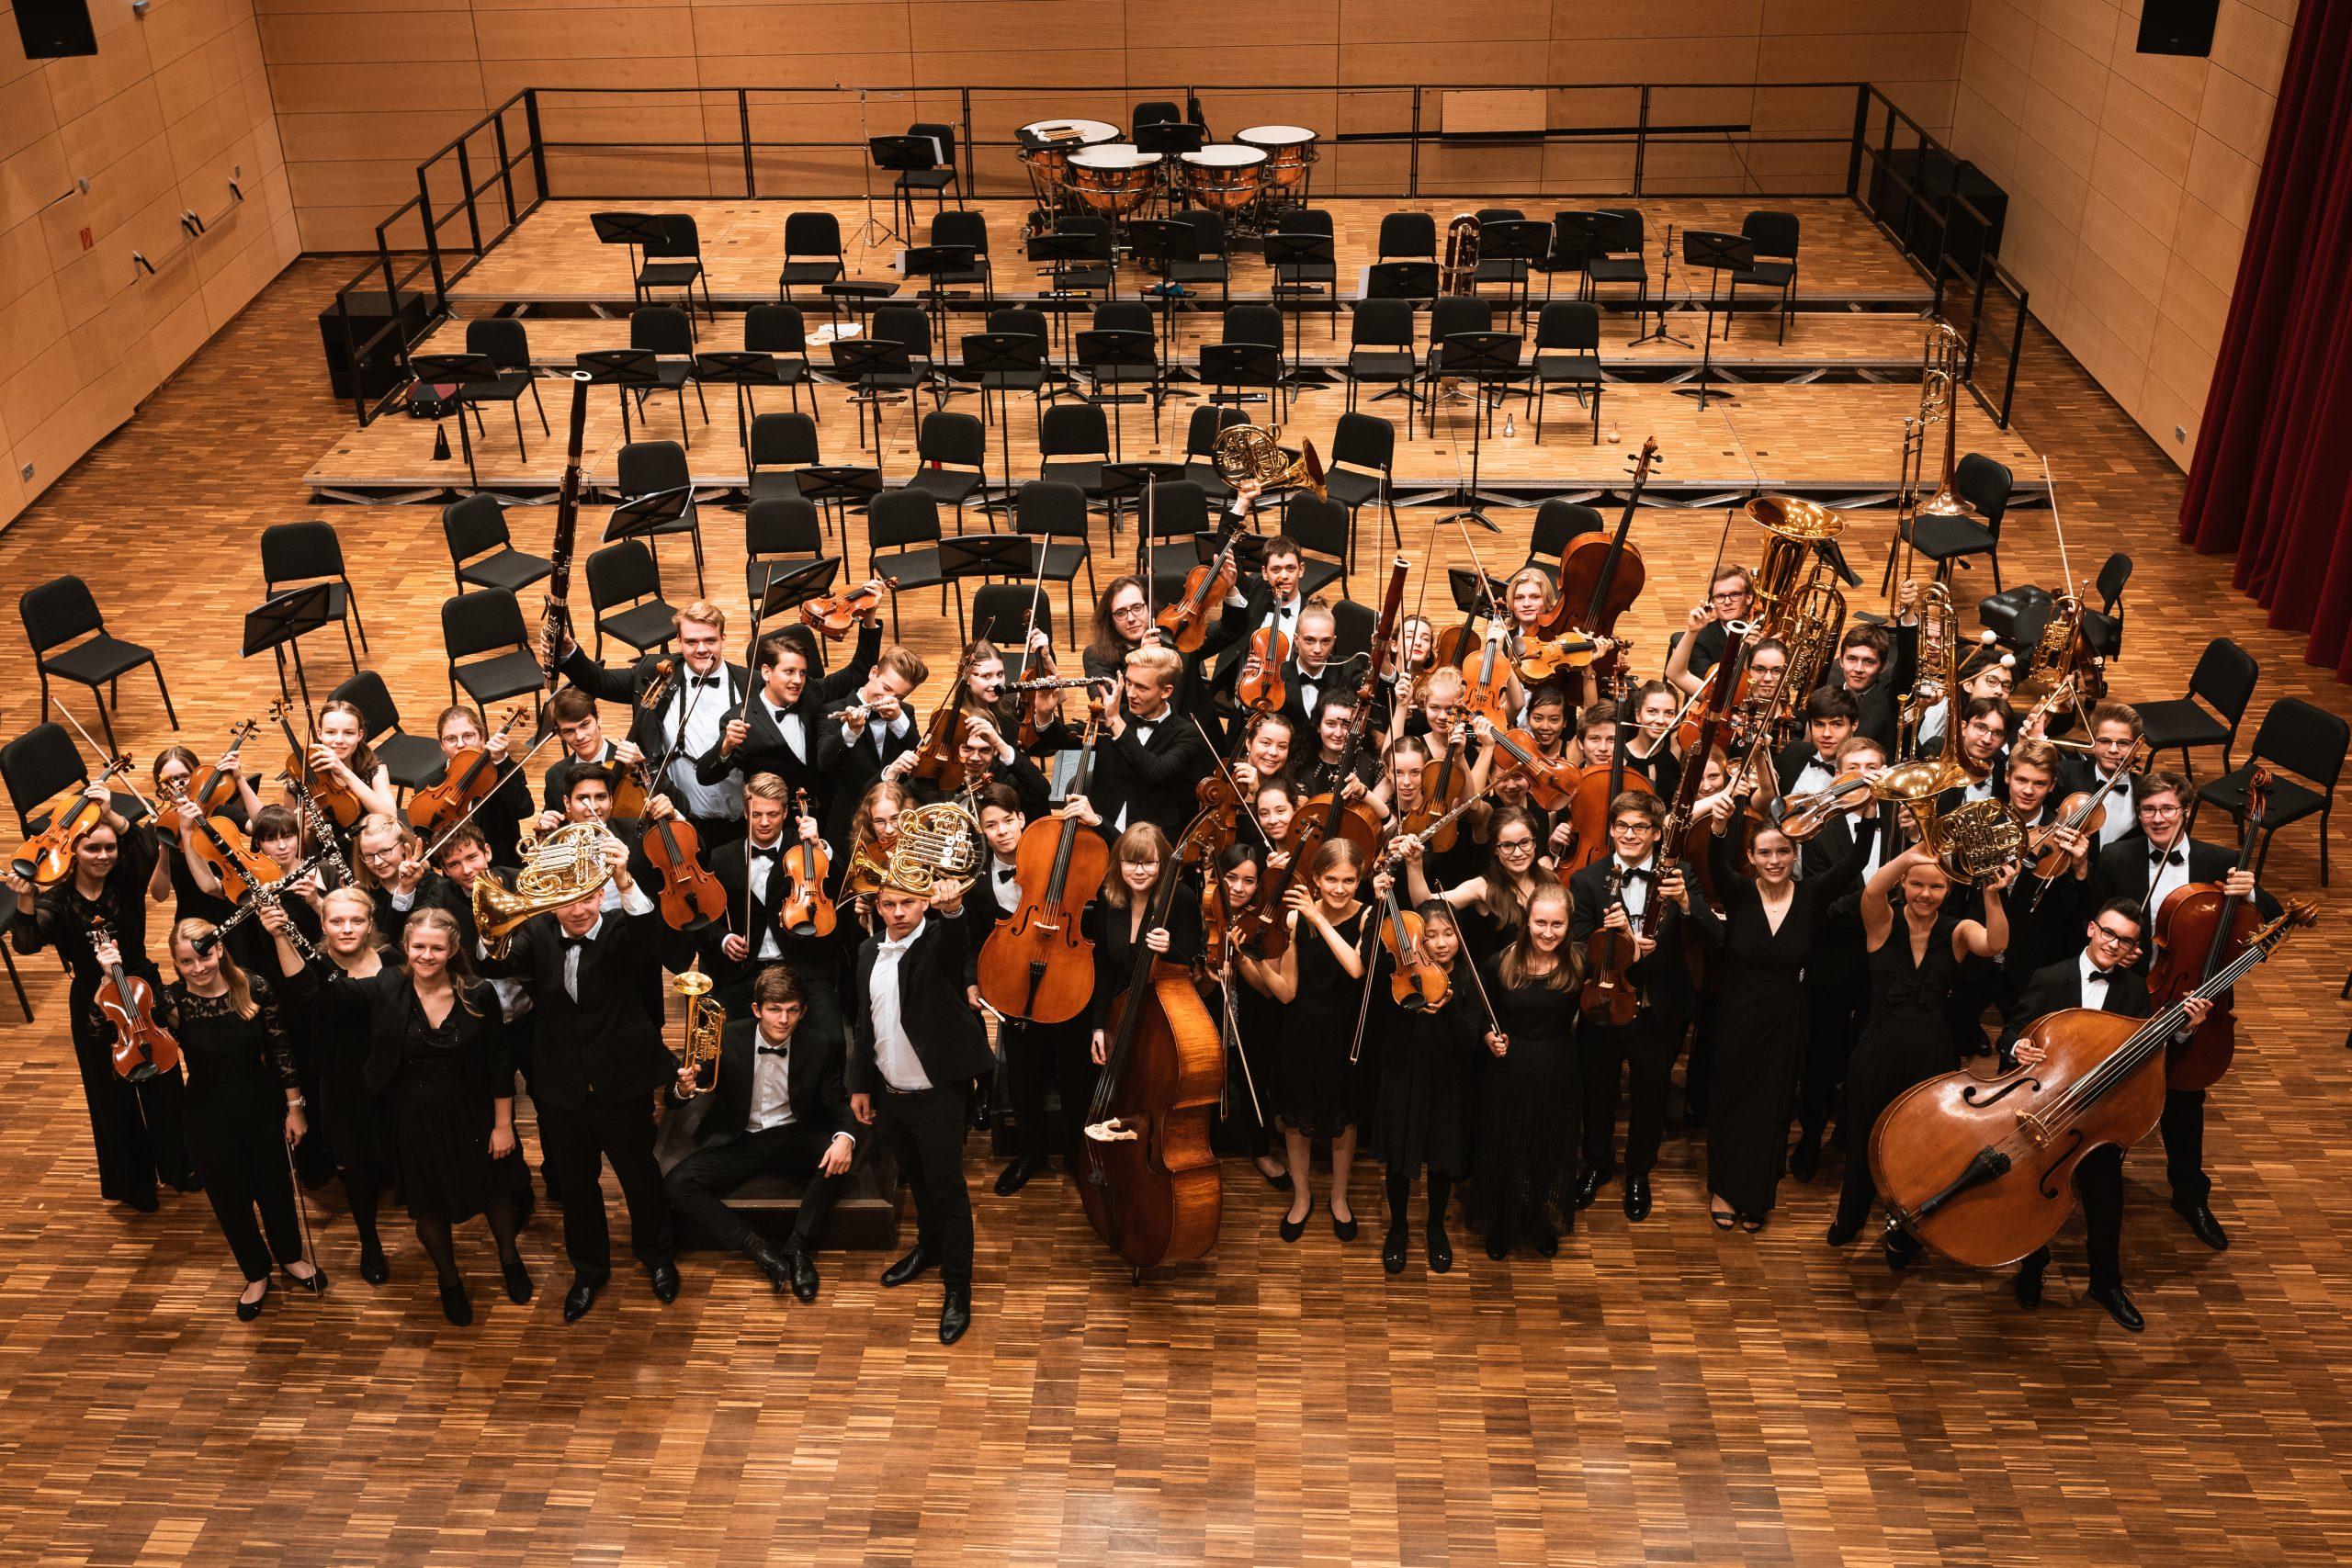 Jubiläums-Arbeitsphase zum 40-jährigen Jubiläum des Landesjugendchors Niedersachsen